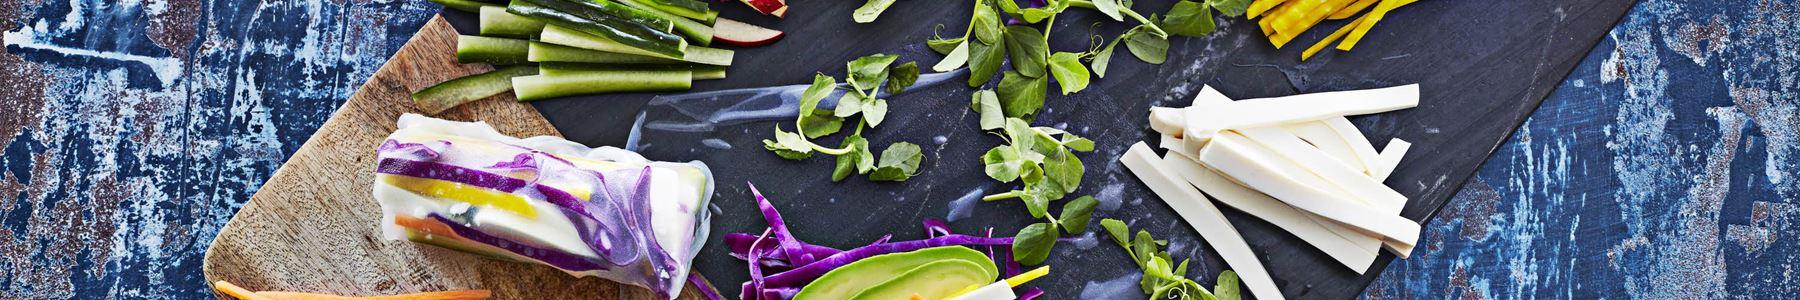 Spidskål + Vegetarisk madplan + Ost